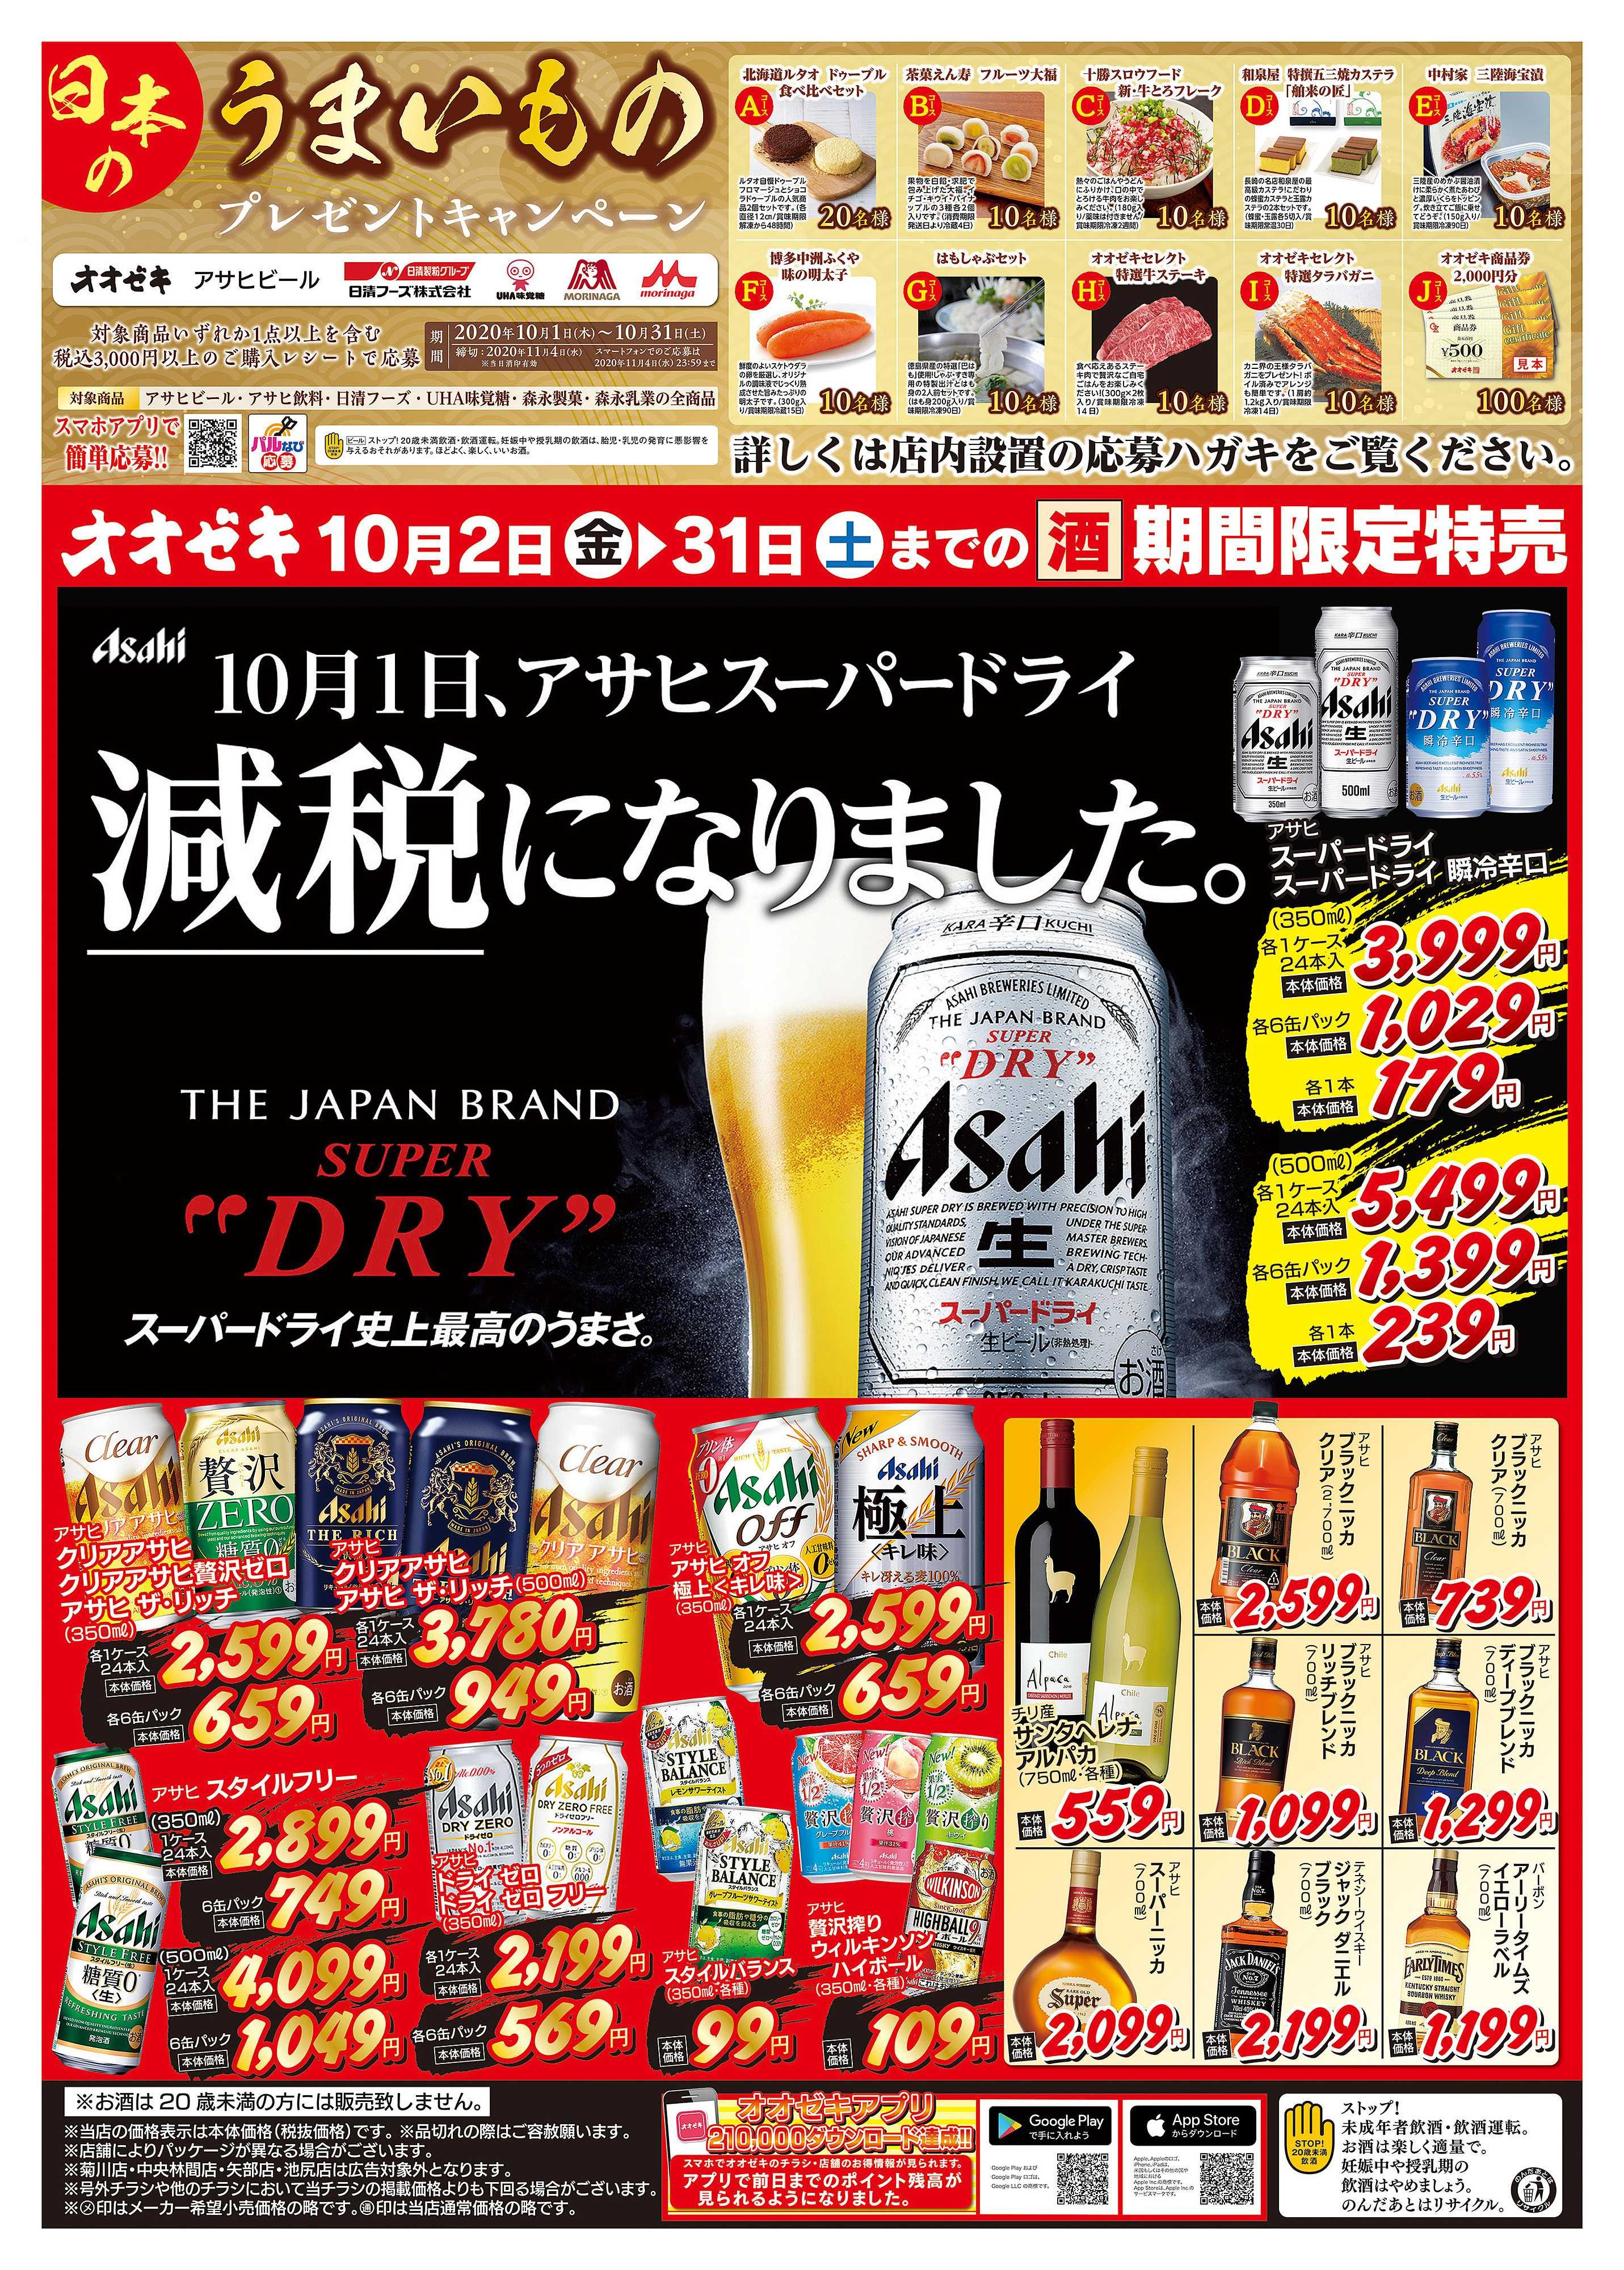 オオゼキ 10/2(金)~31(土) 酒 期間限定特売